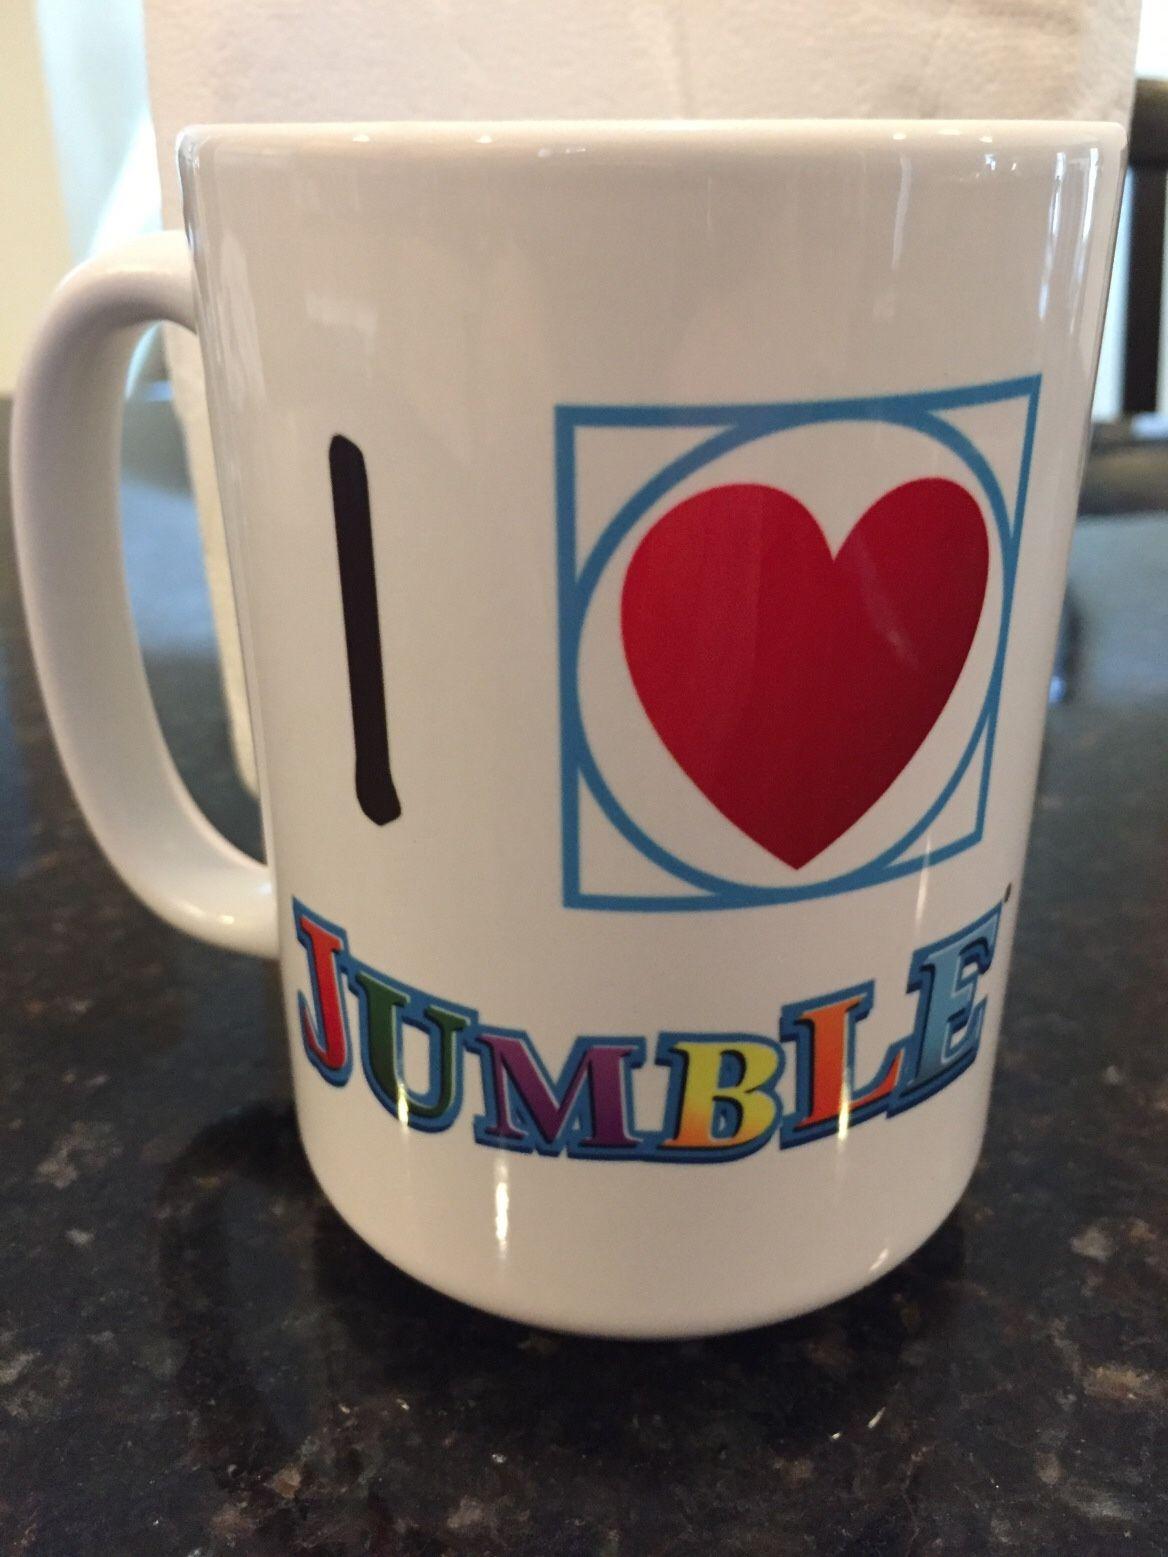 I ❤️ Jumble Coffee Mug Giveaway! | Mugs, Coffee mugs, Jumbled